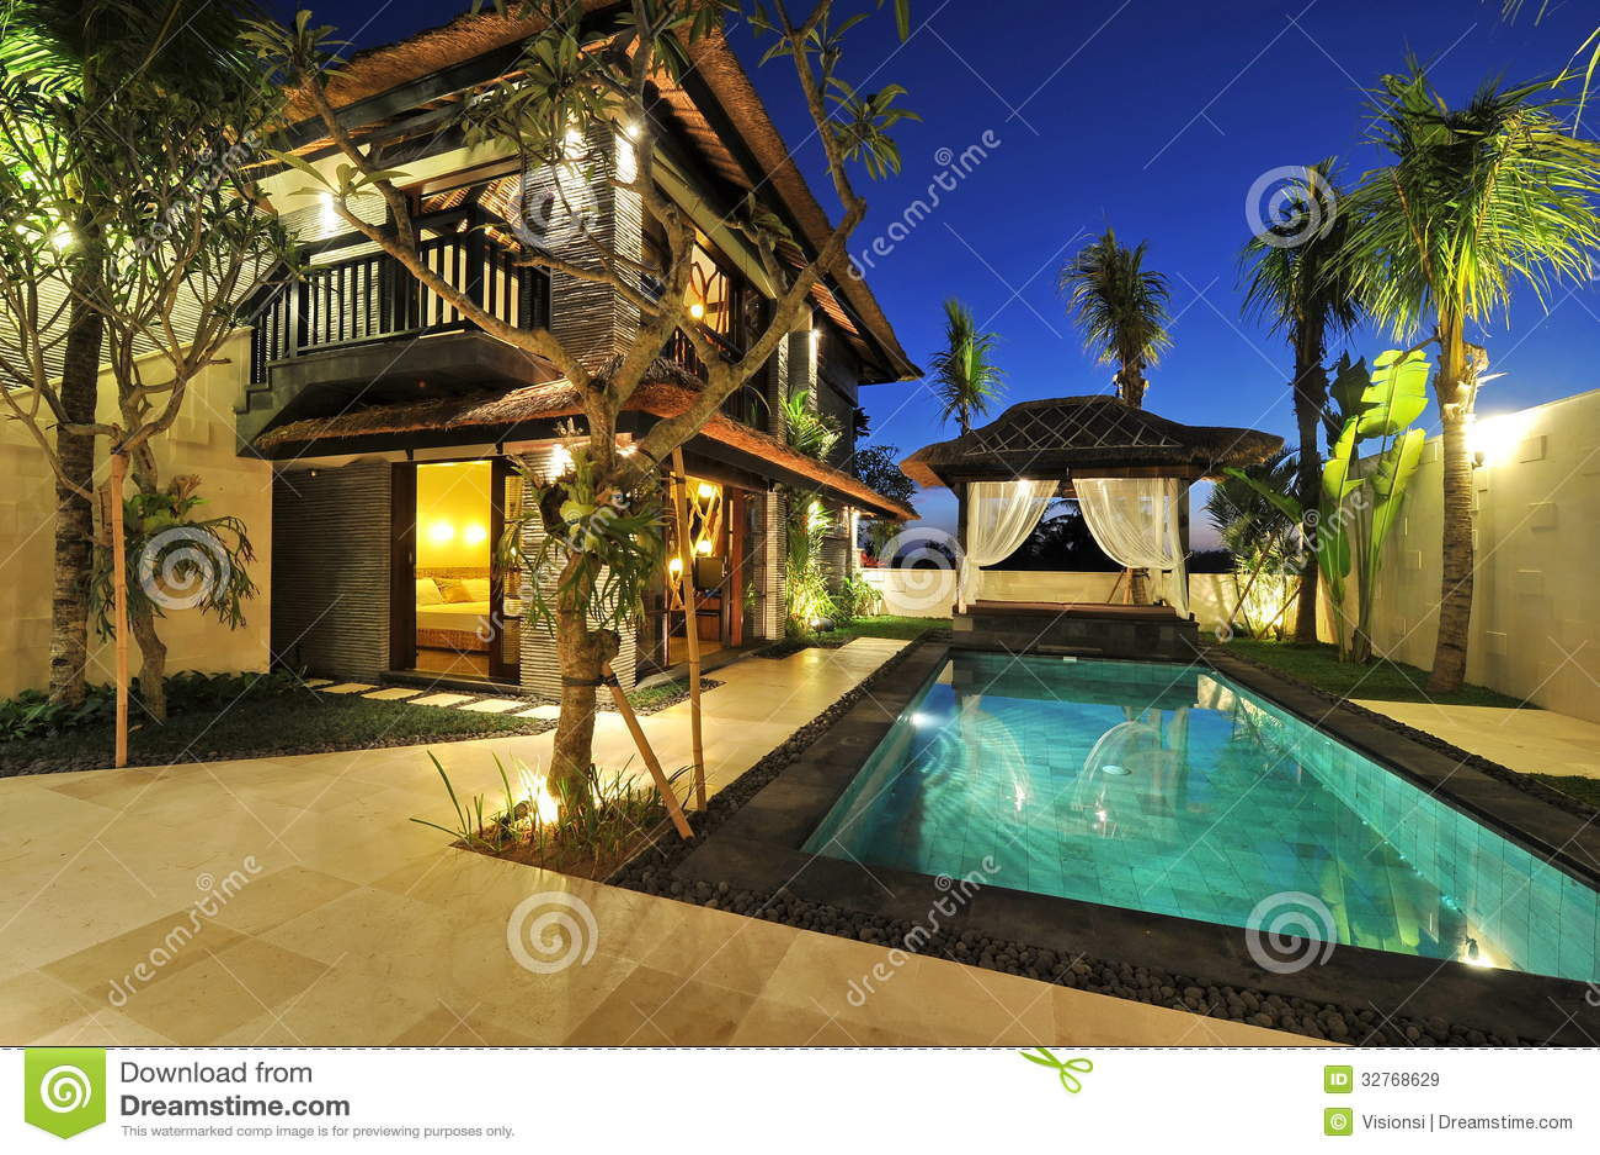 Casa de campo tropical moderna com piscina imagens de stock royalty free imagem 32768629 - Huis design met zwembad ...